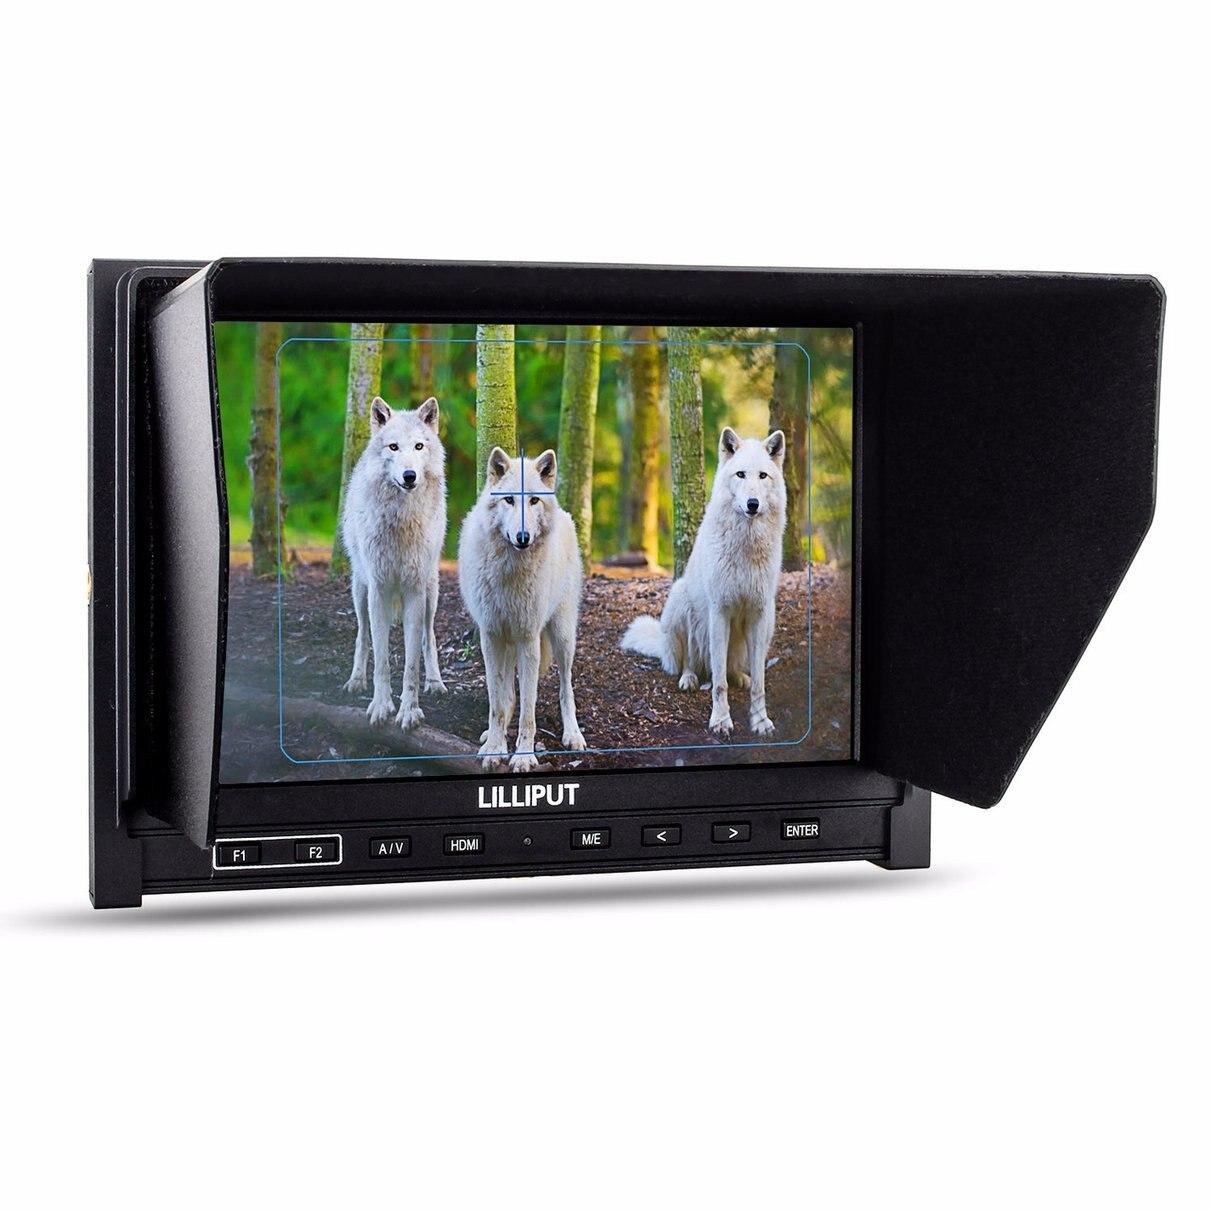 """bilder für Lilliput 7 """"339 IPS 1280x800 Dünne Hdmi-eingang AV In & out Kommt Mit 2600 mah Batterie"""